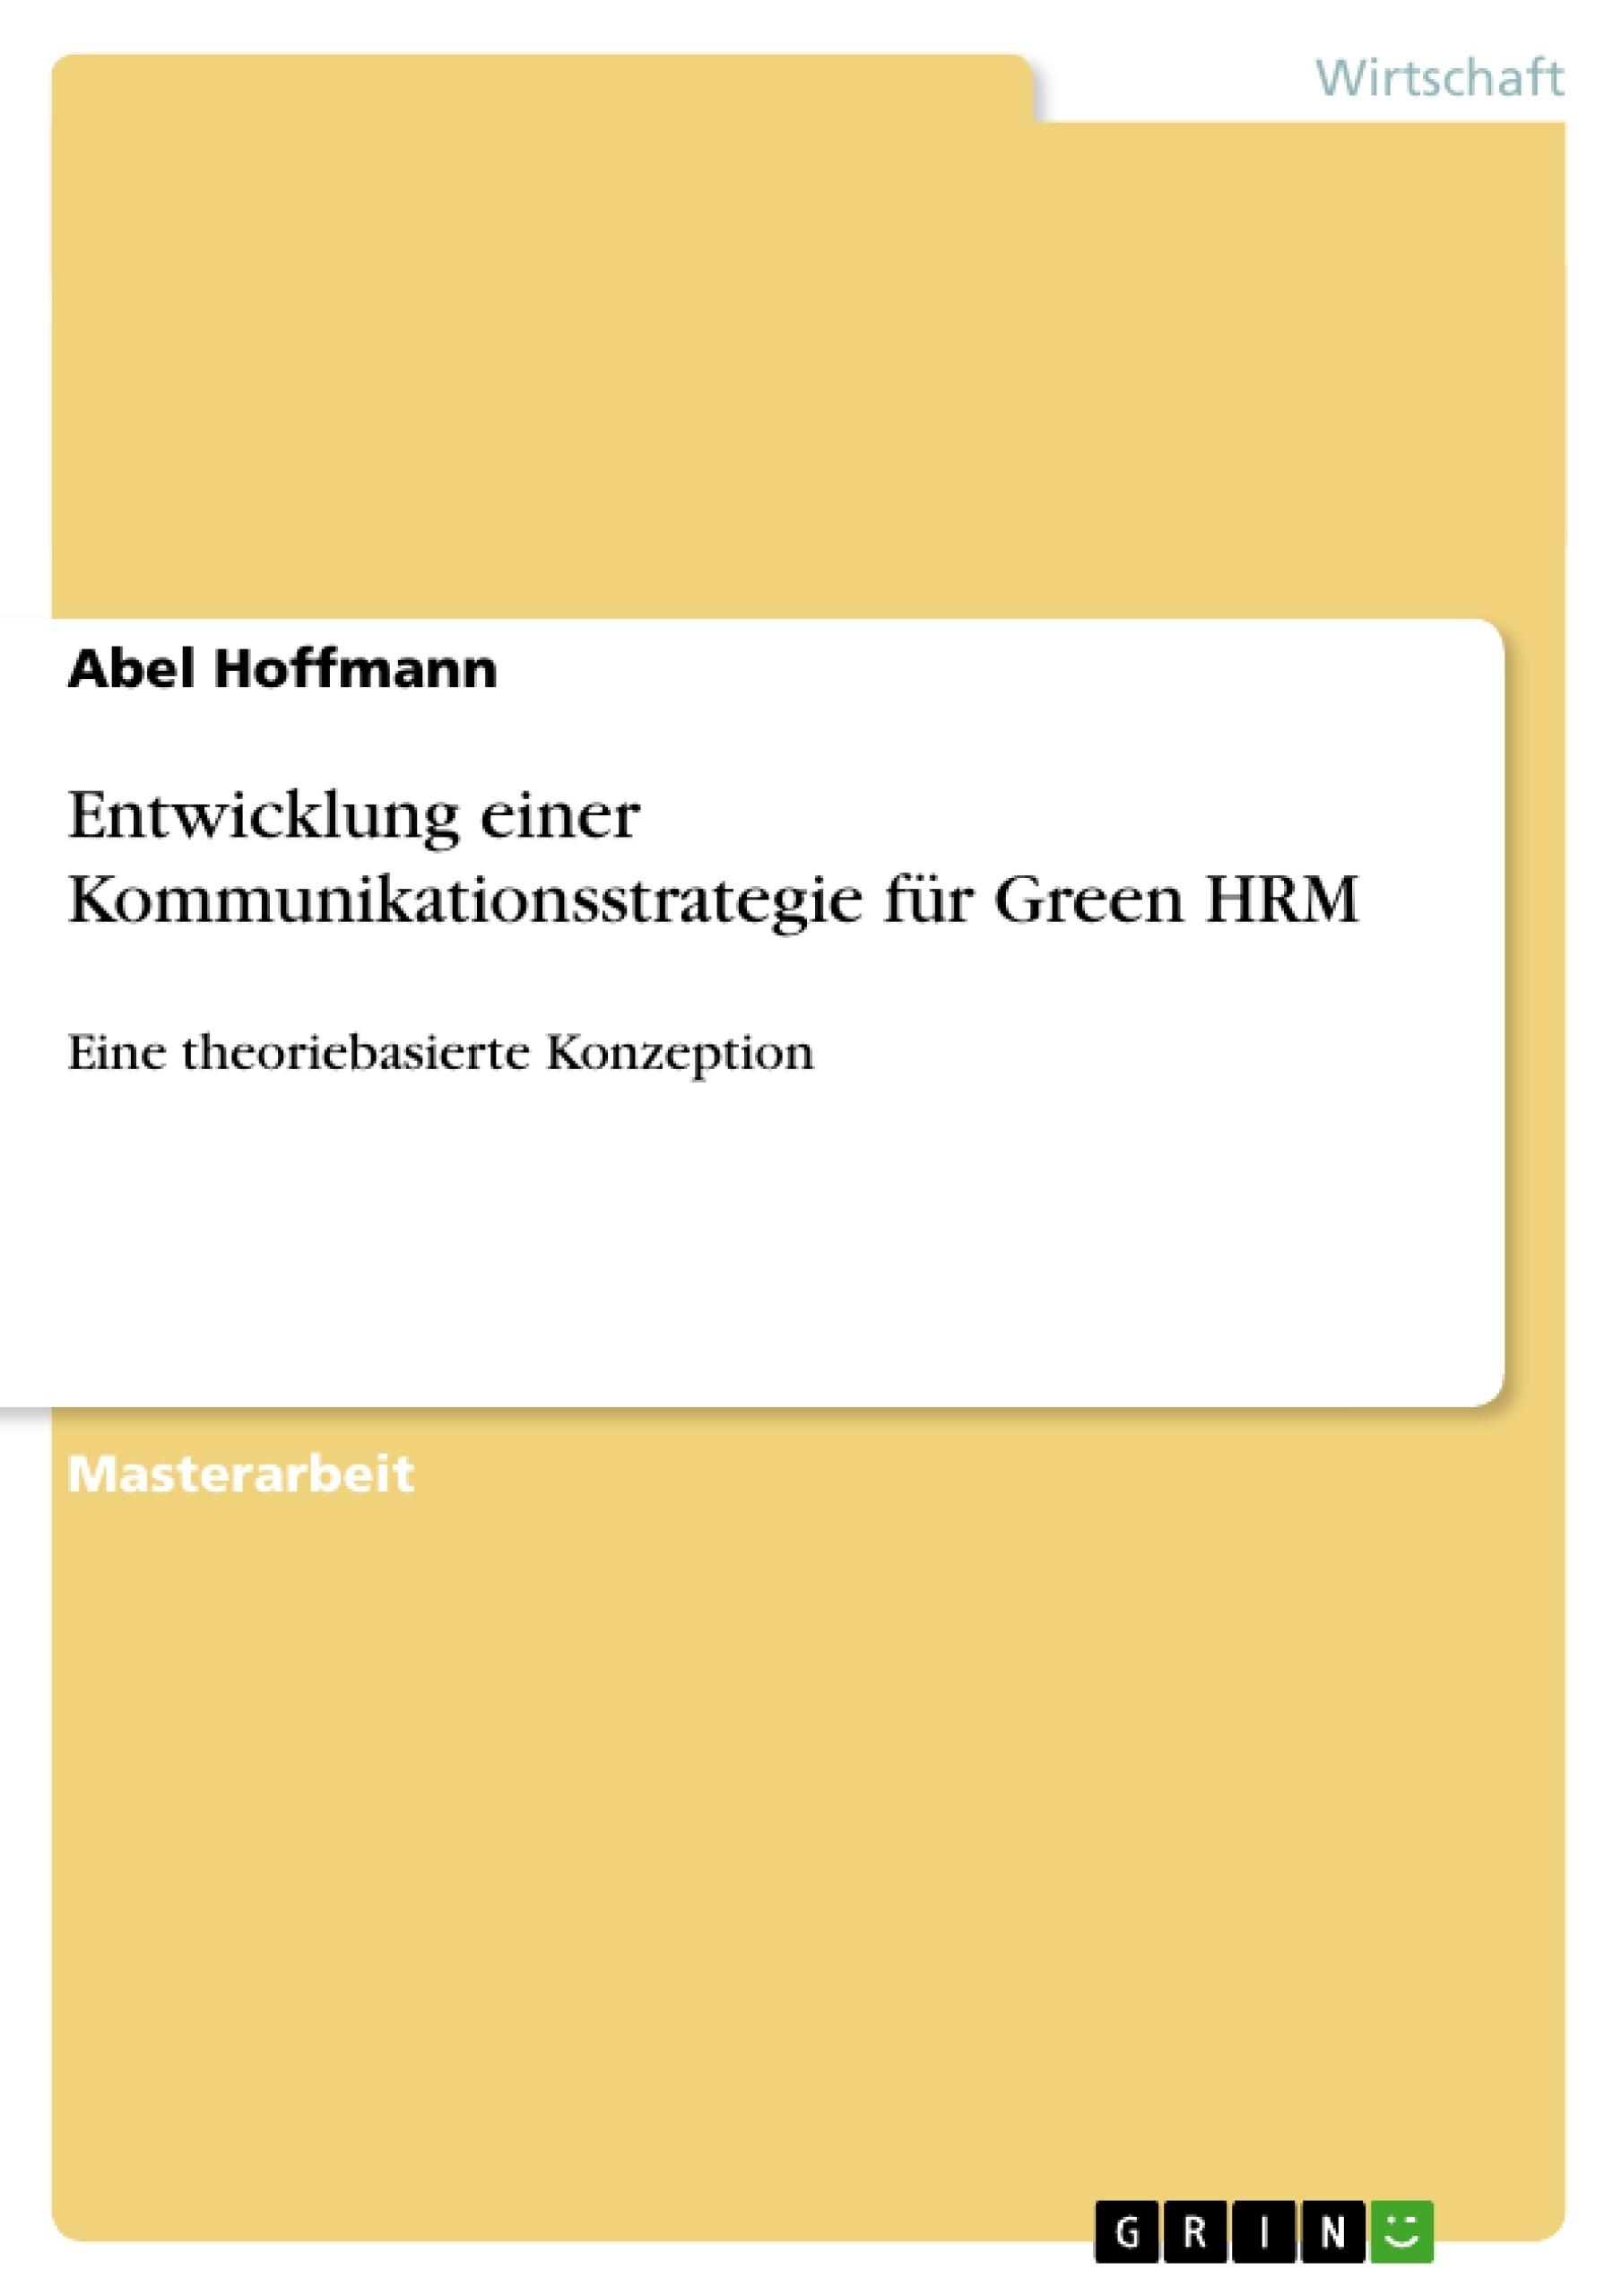 Titel: Entwicklung einer Kommunikationsstrategie für Green HRM